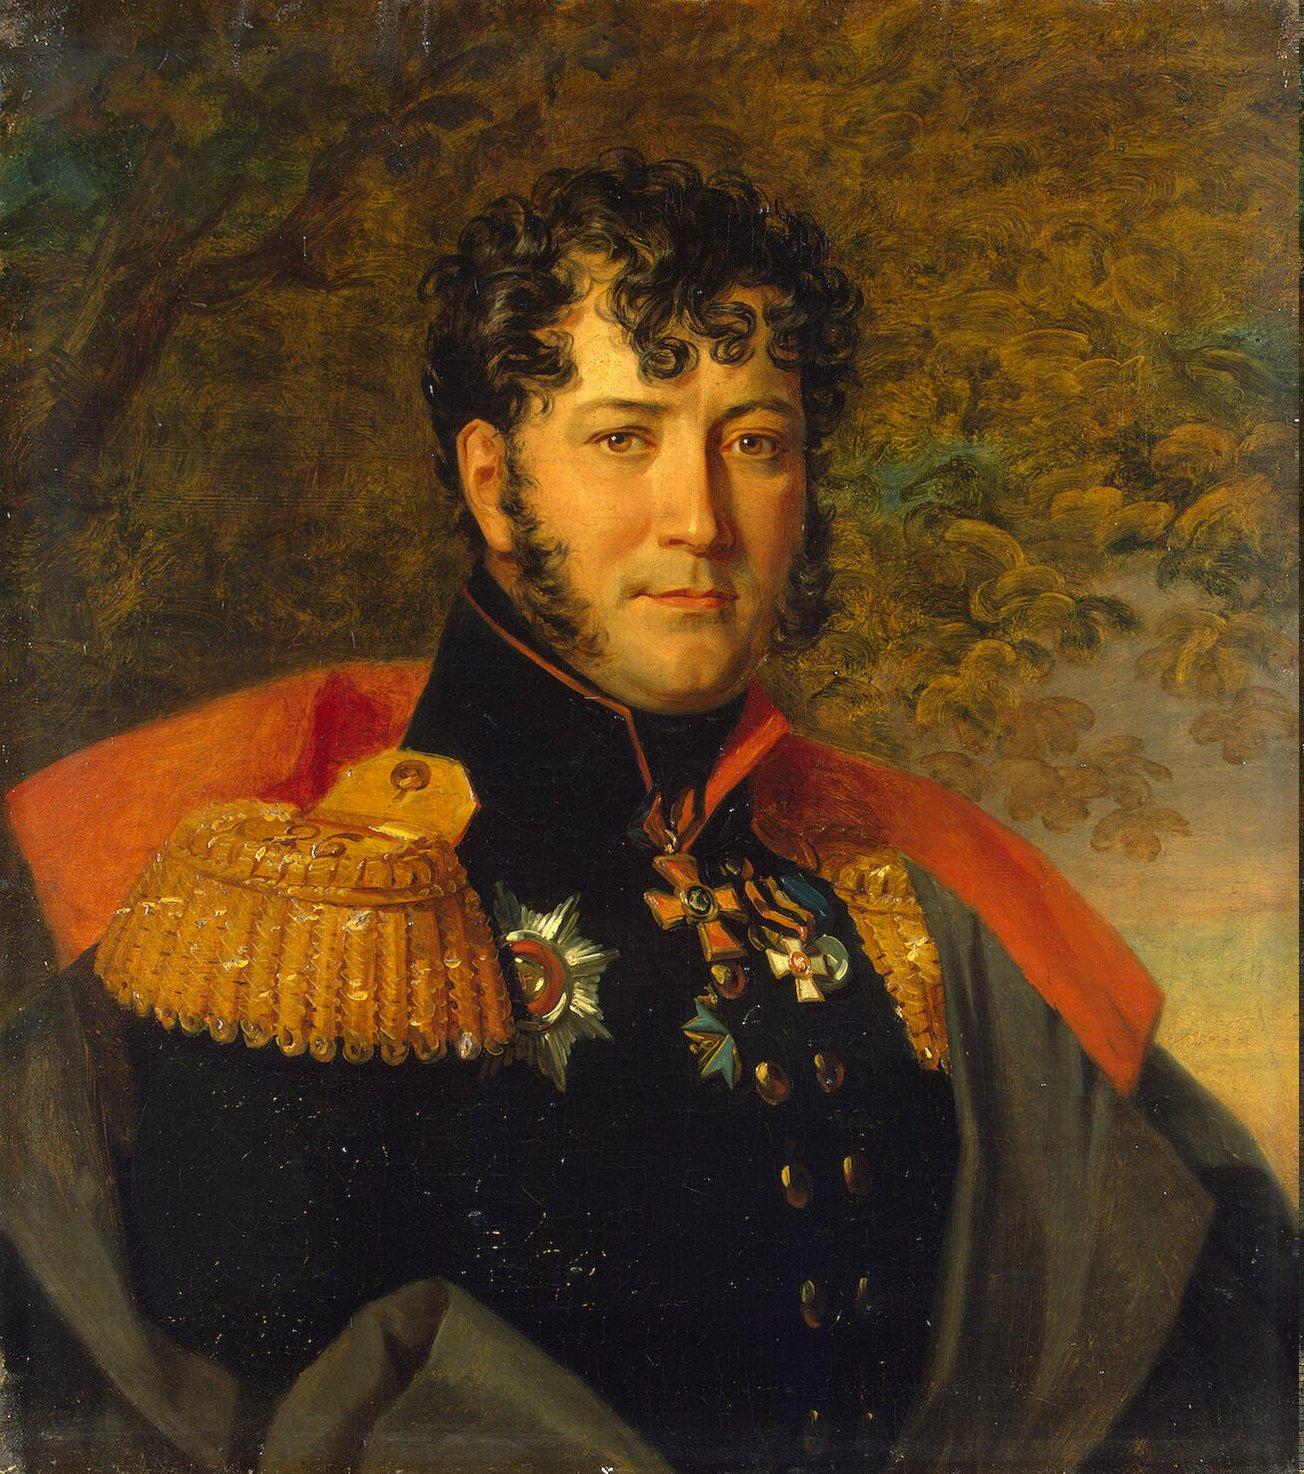 Гогель, Фёдор Григорьевич